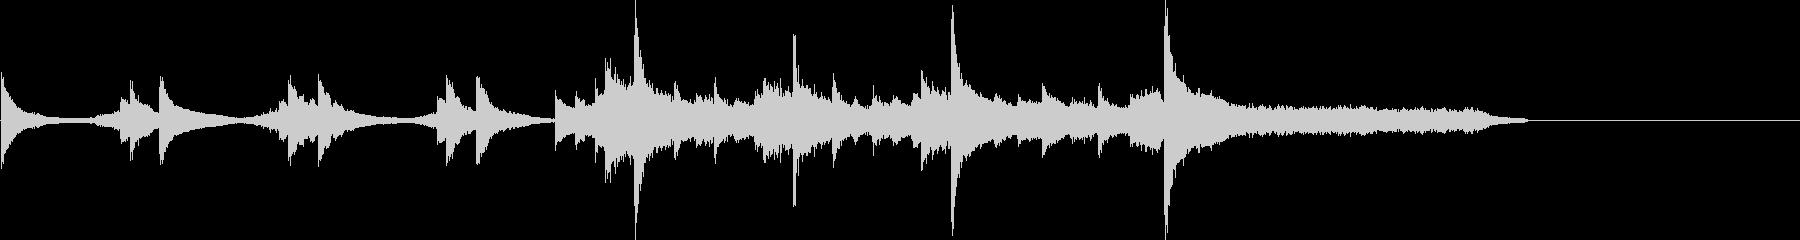 琴・ピアノを使った和風のアテンション1の未再生の波形